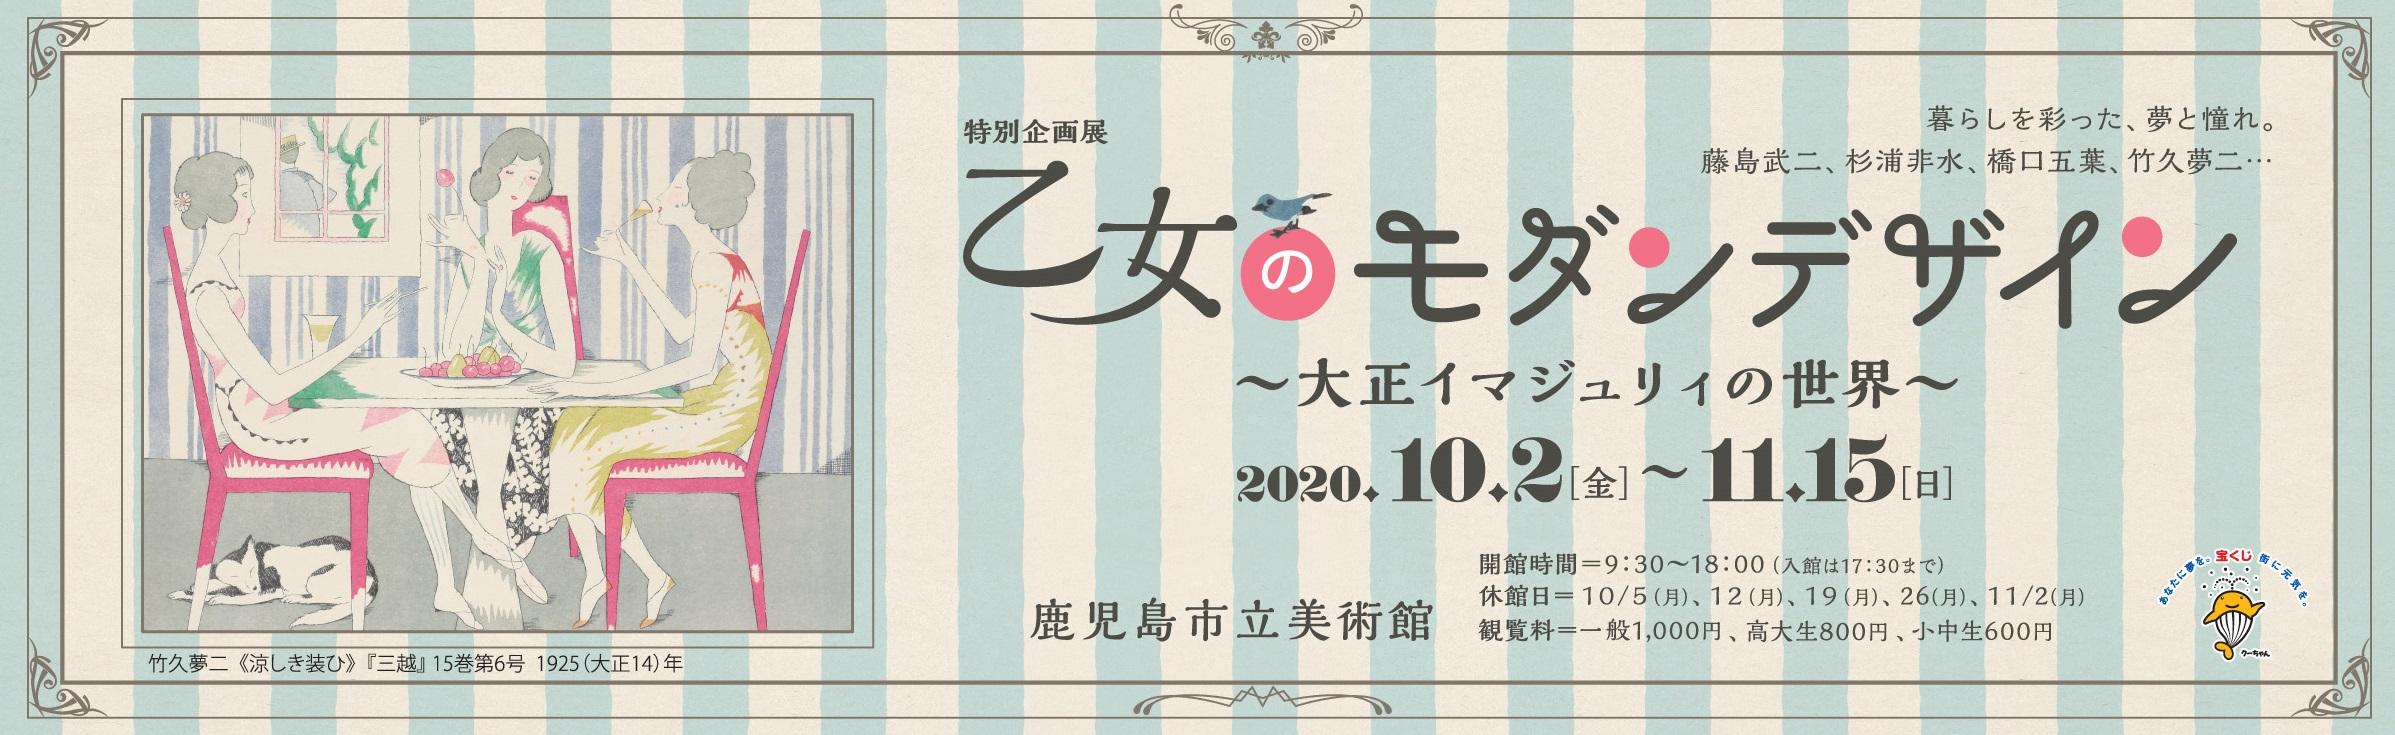 特別企画展「乙女のモダンデザイン~大正イマジュリィの世界~」2020.10.02~11.15 イメージ画像